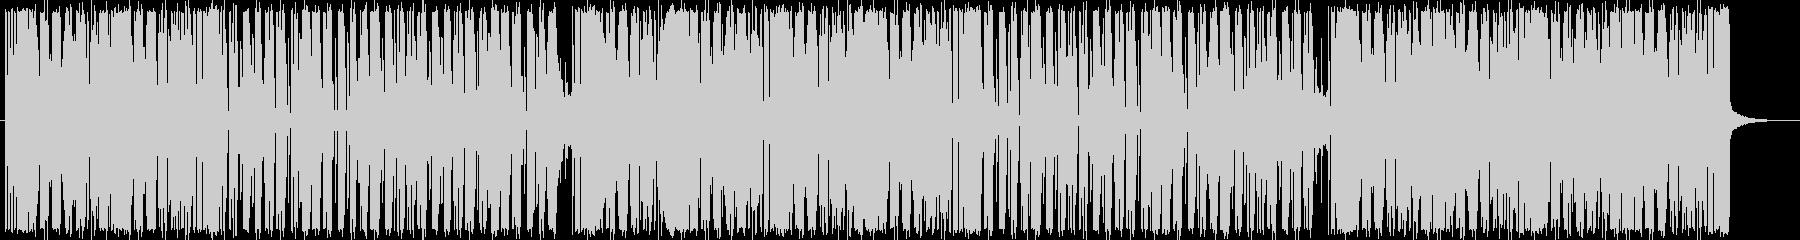 ブルーノマーズ系ニュージャックスウィングの未再生の波形